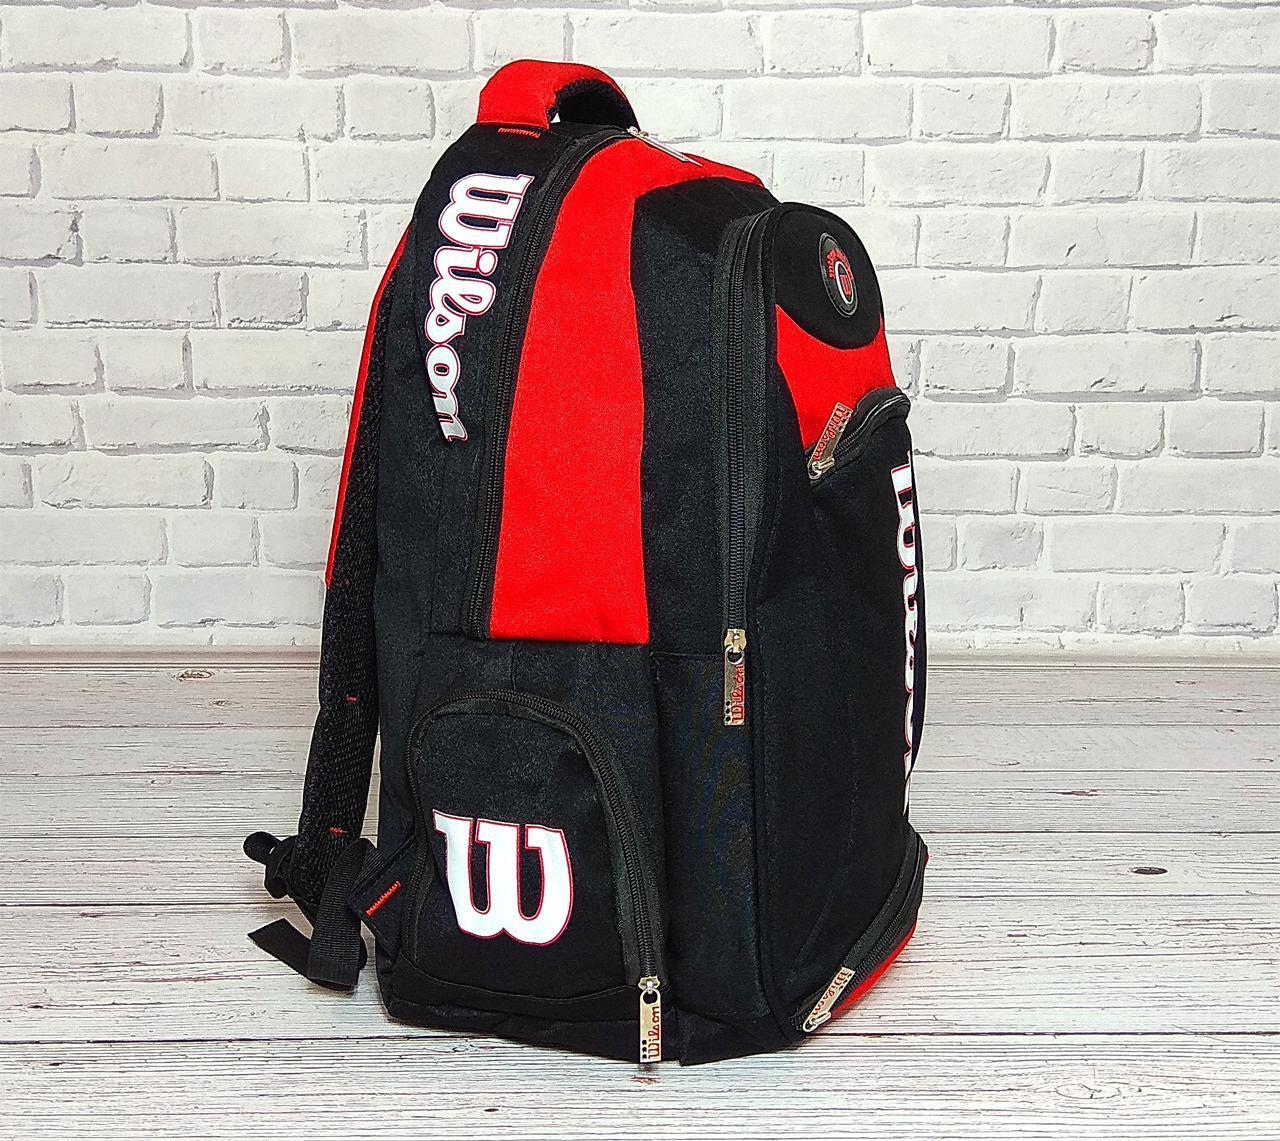 d9438c9a2d14 ... Вместительный рюкзак Wilson для школы, спорта. Черный с красным., фото  3 ...